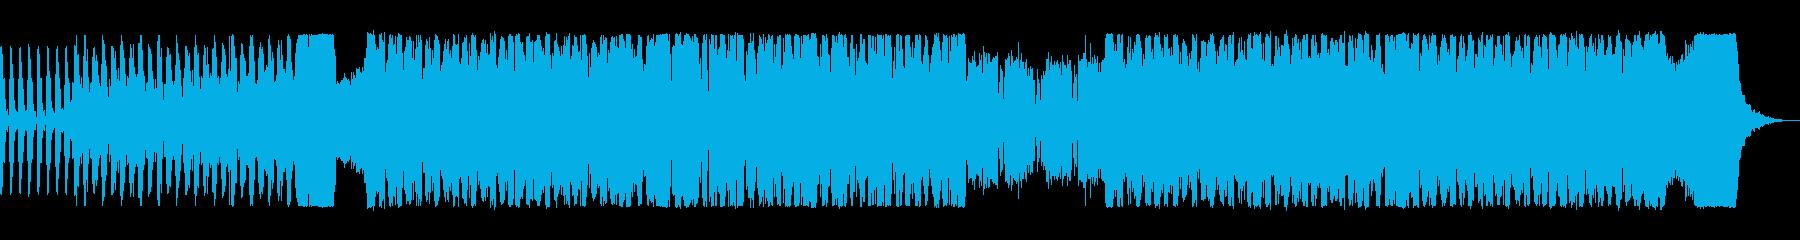 アップテンポなビートロックの再生済みの波形